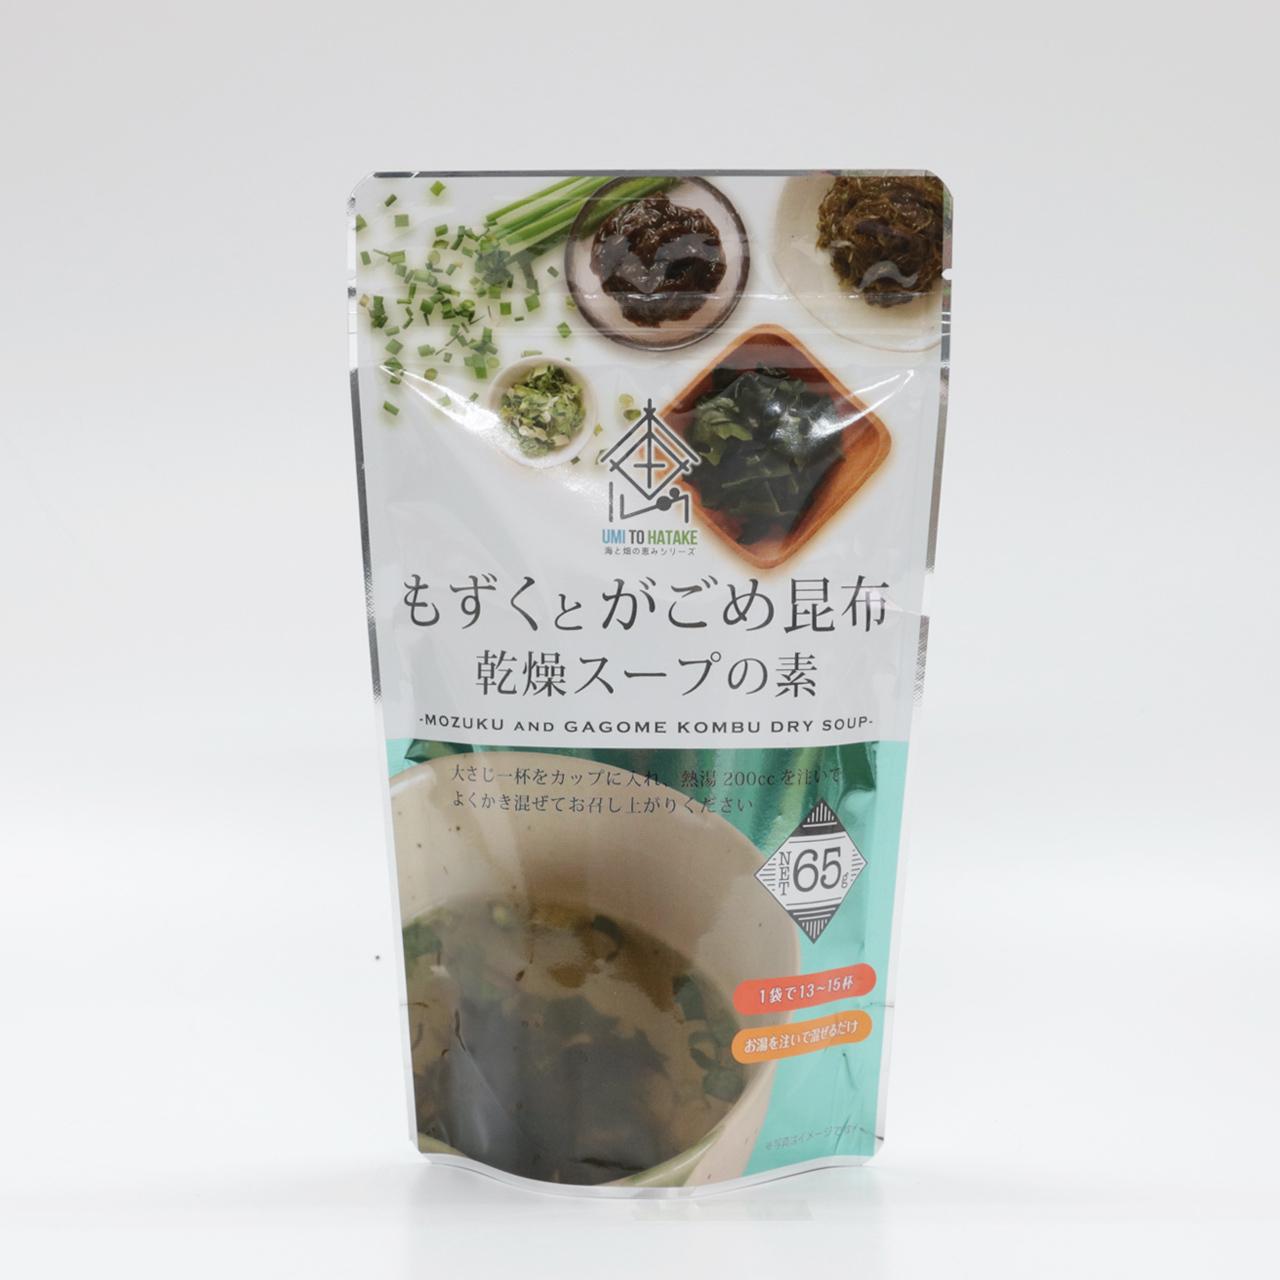 沖縄もずくとかごめ昆布乾燥スープの素 島酒家